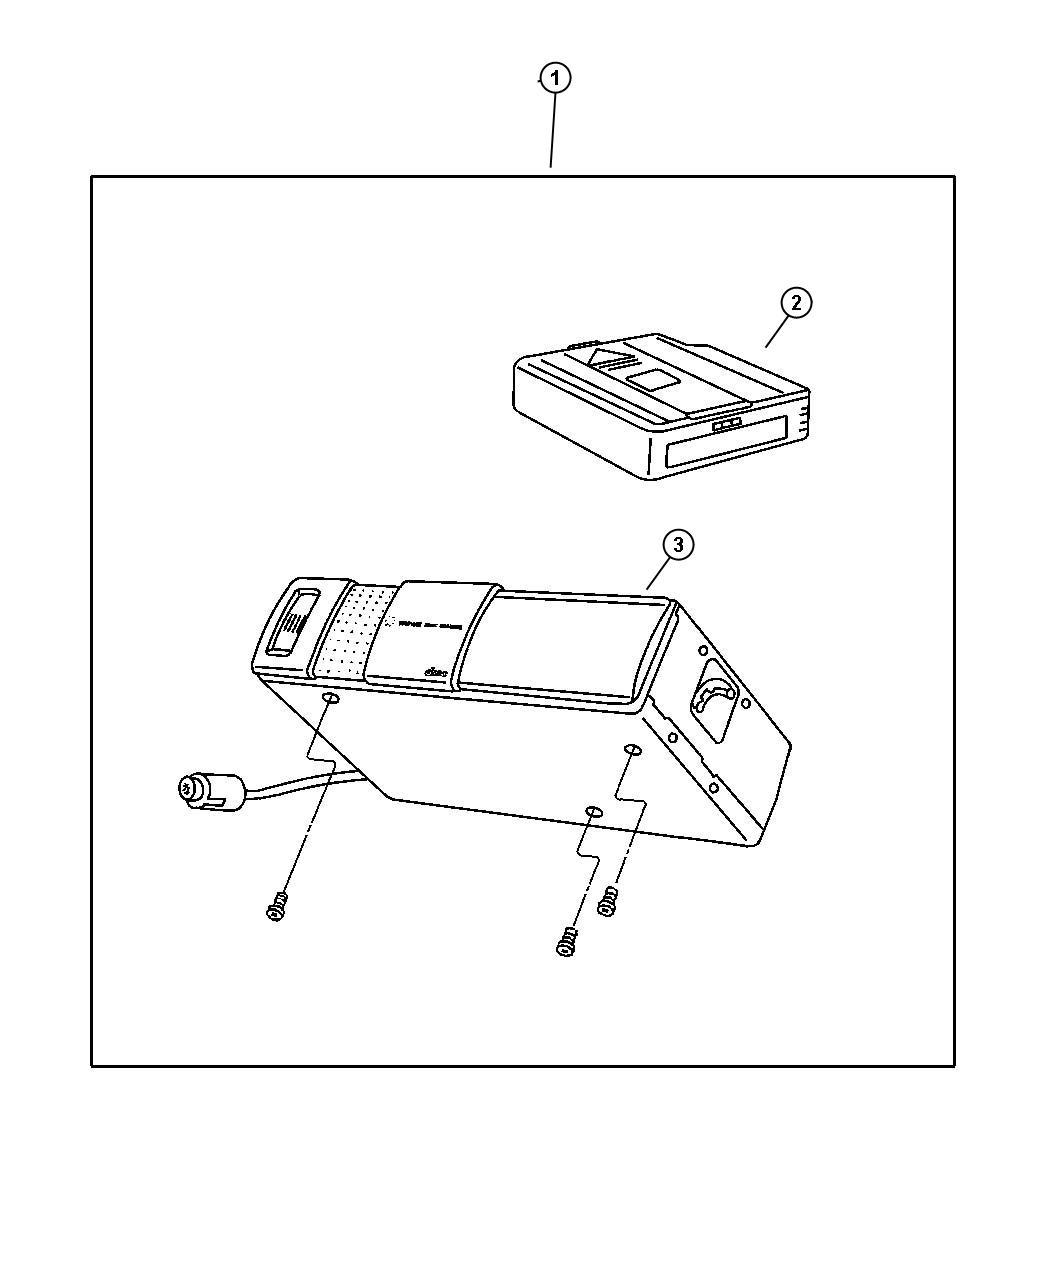 Jeep Wrangler Player Kit Cd Changer